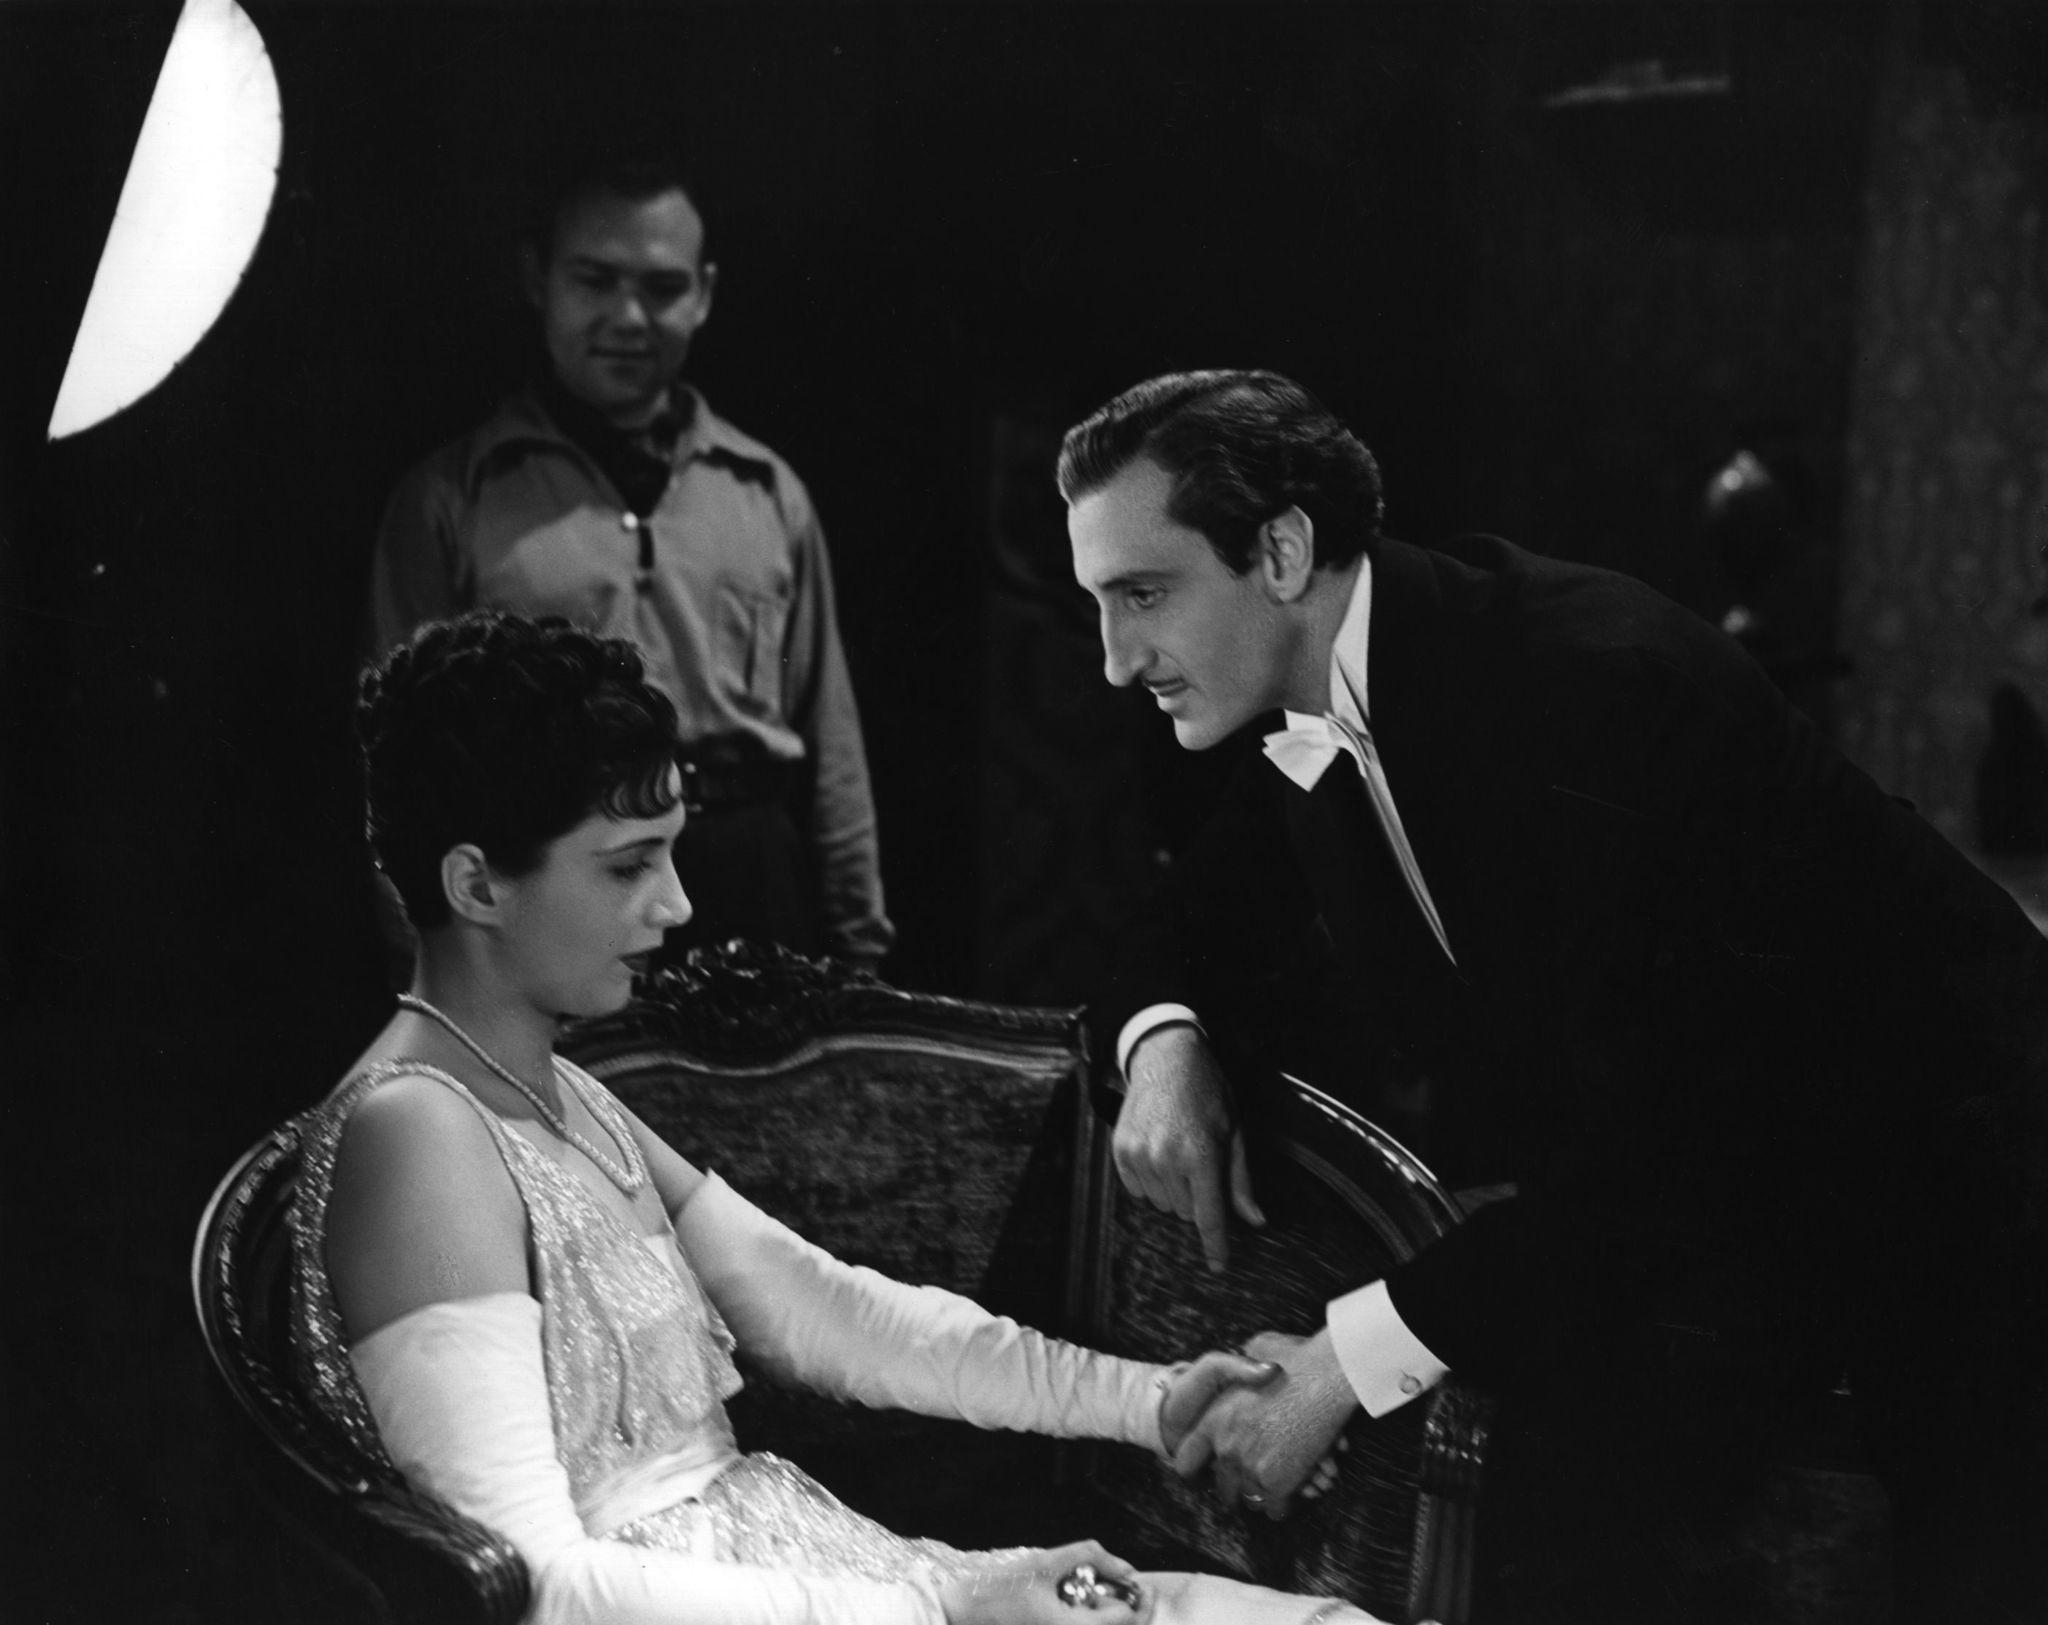 Basil Rathbone, Kay Francis, and Joe May in Confession (1937)